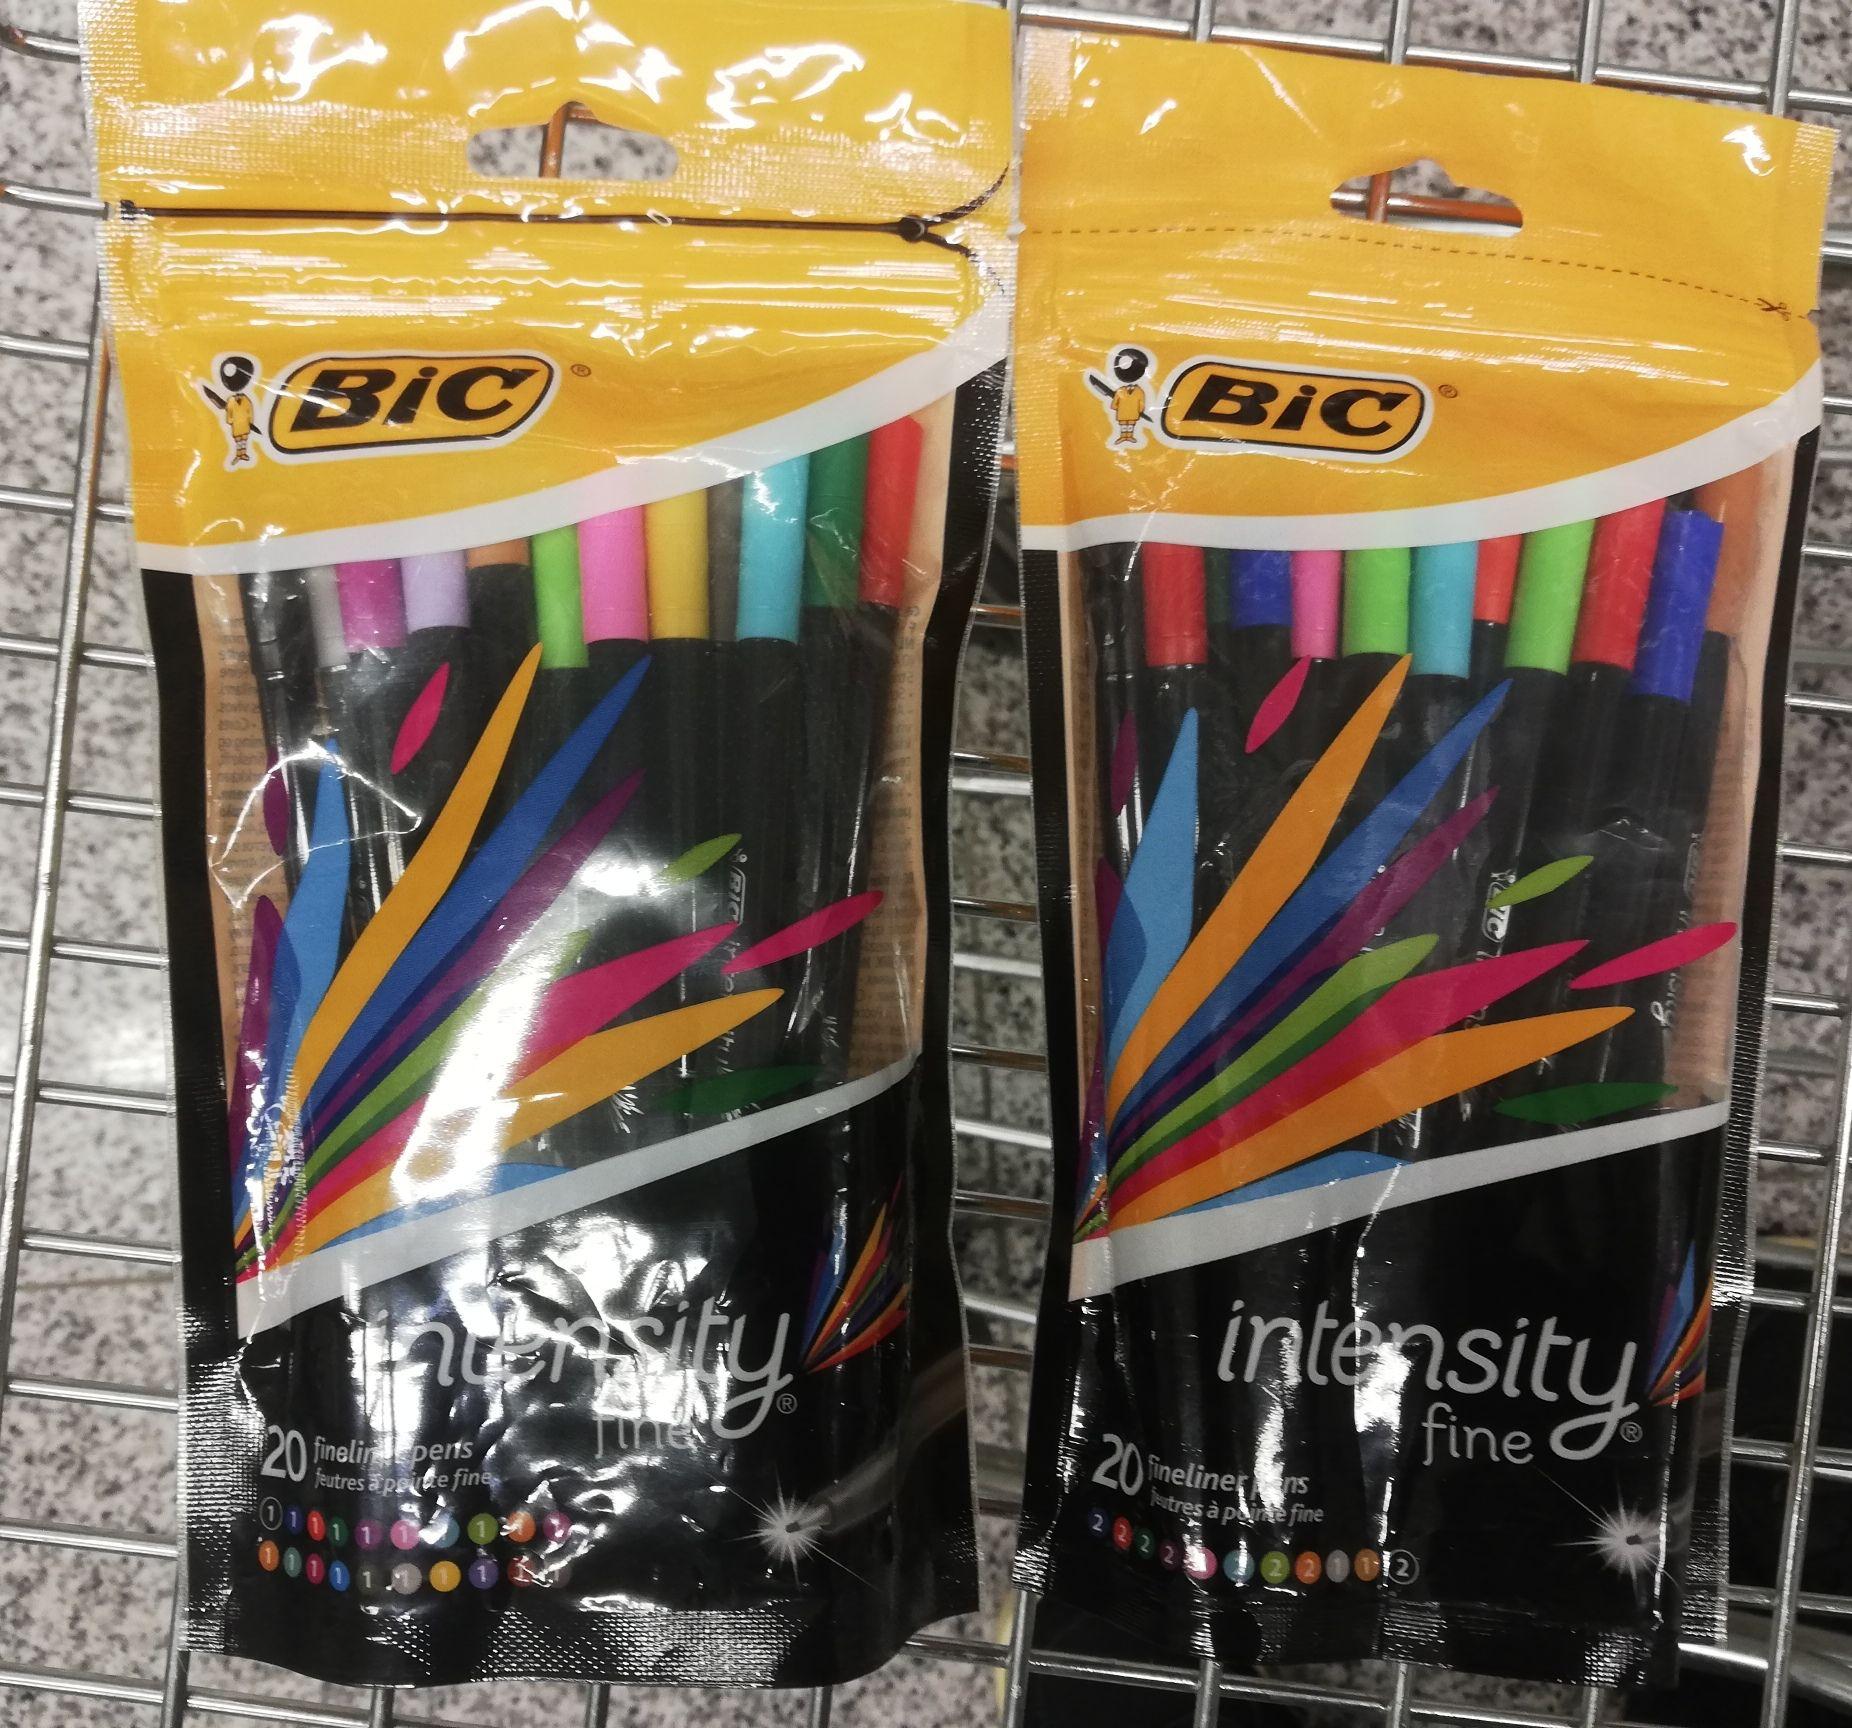 Pack de 20 rotuladores BIC fine por 3,99€